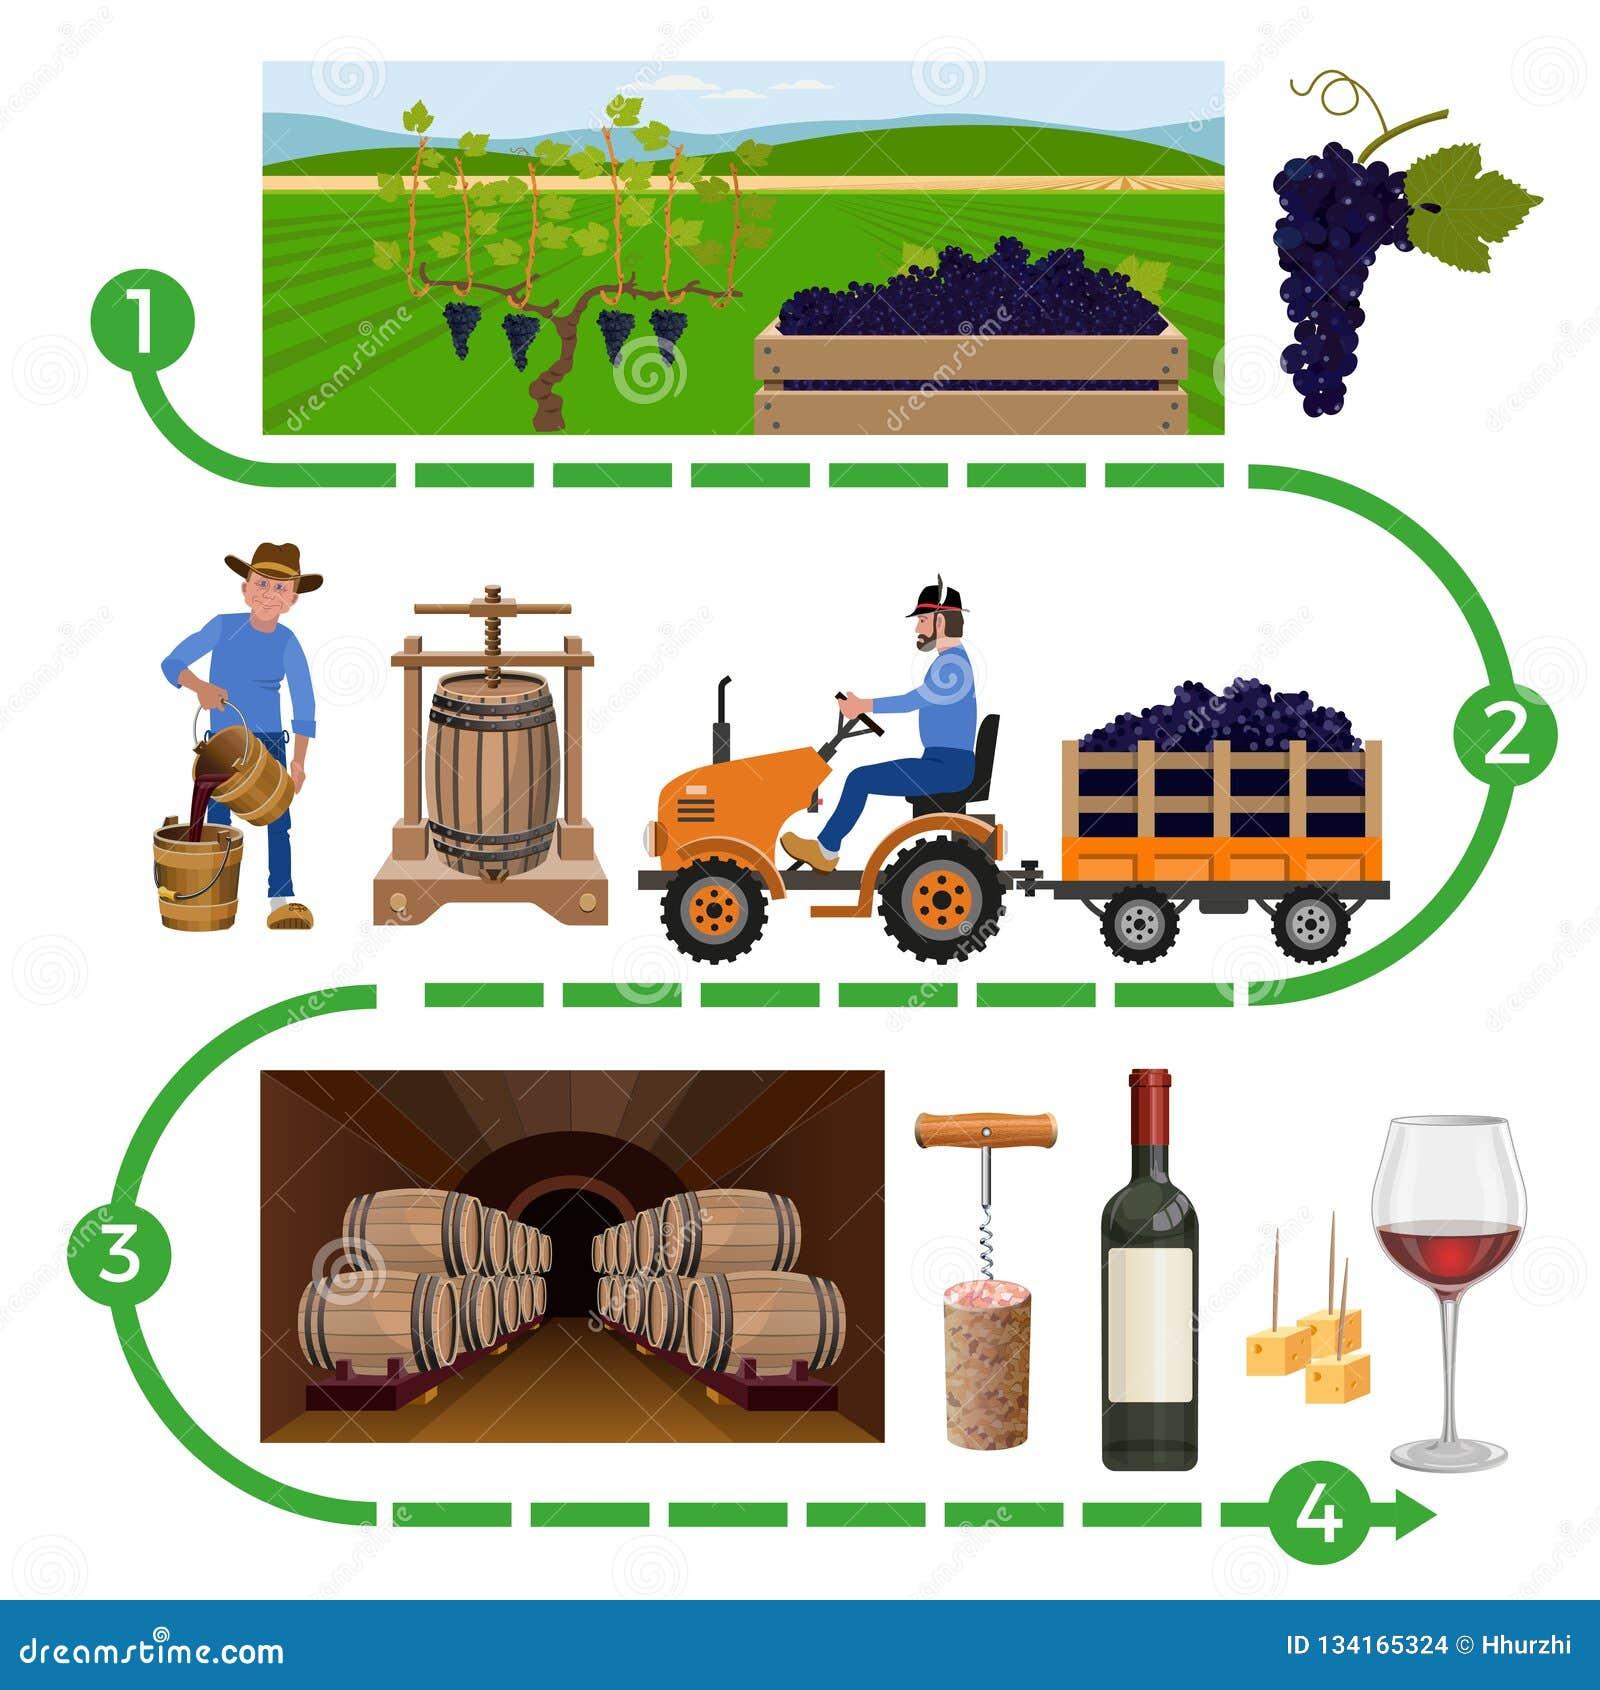 Procedimento de fabricação do vinho